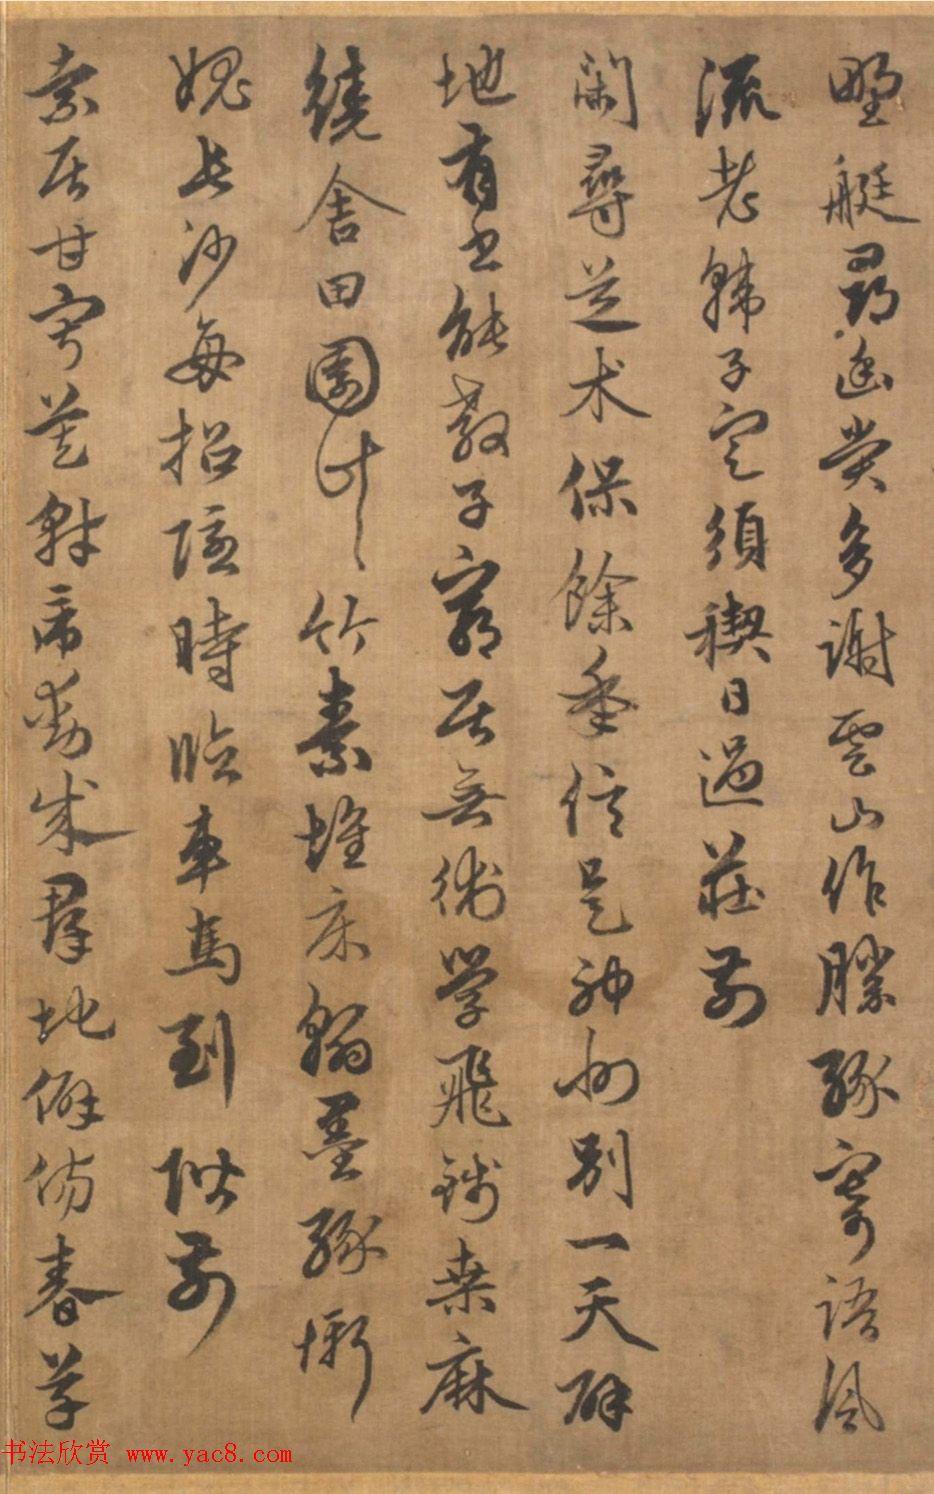 元代俞和行草书《次韵韩伯清见寄之什凡五首》